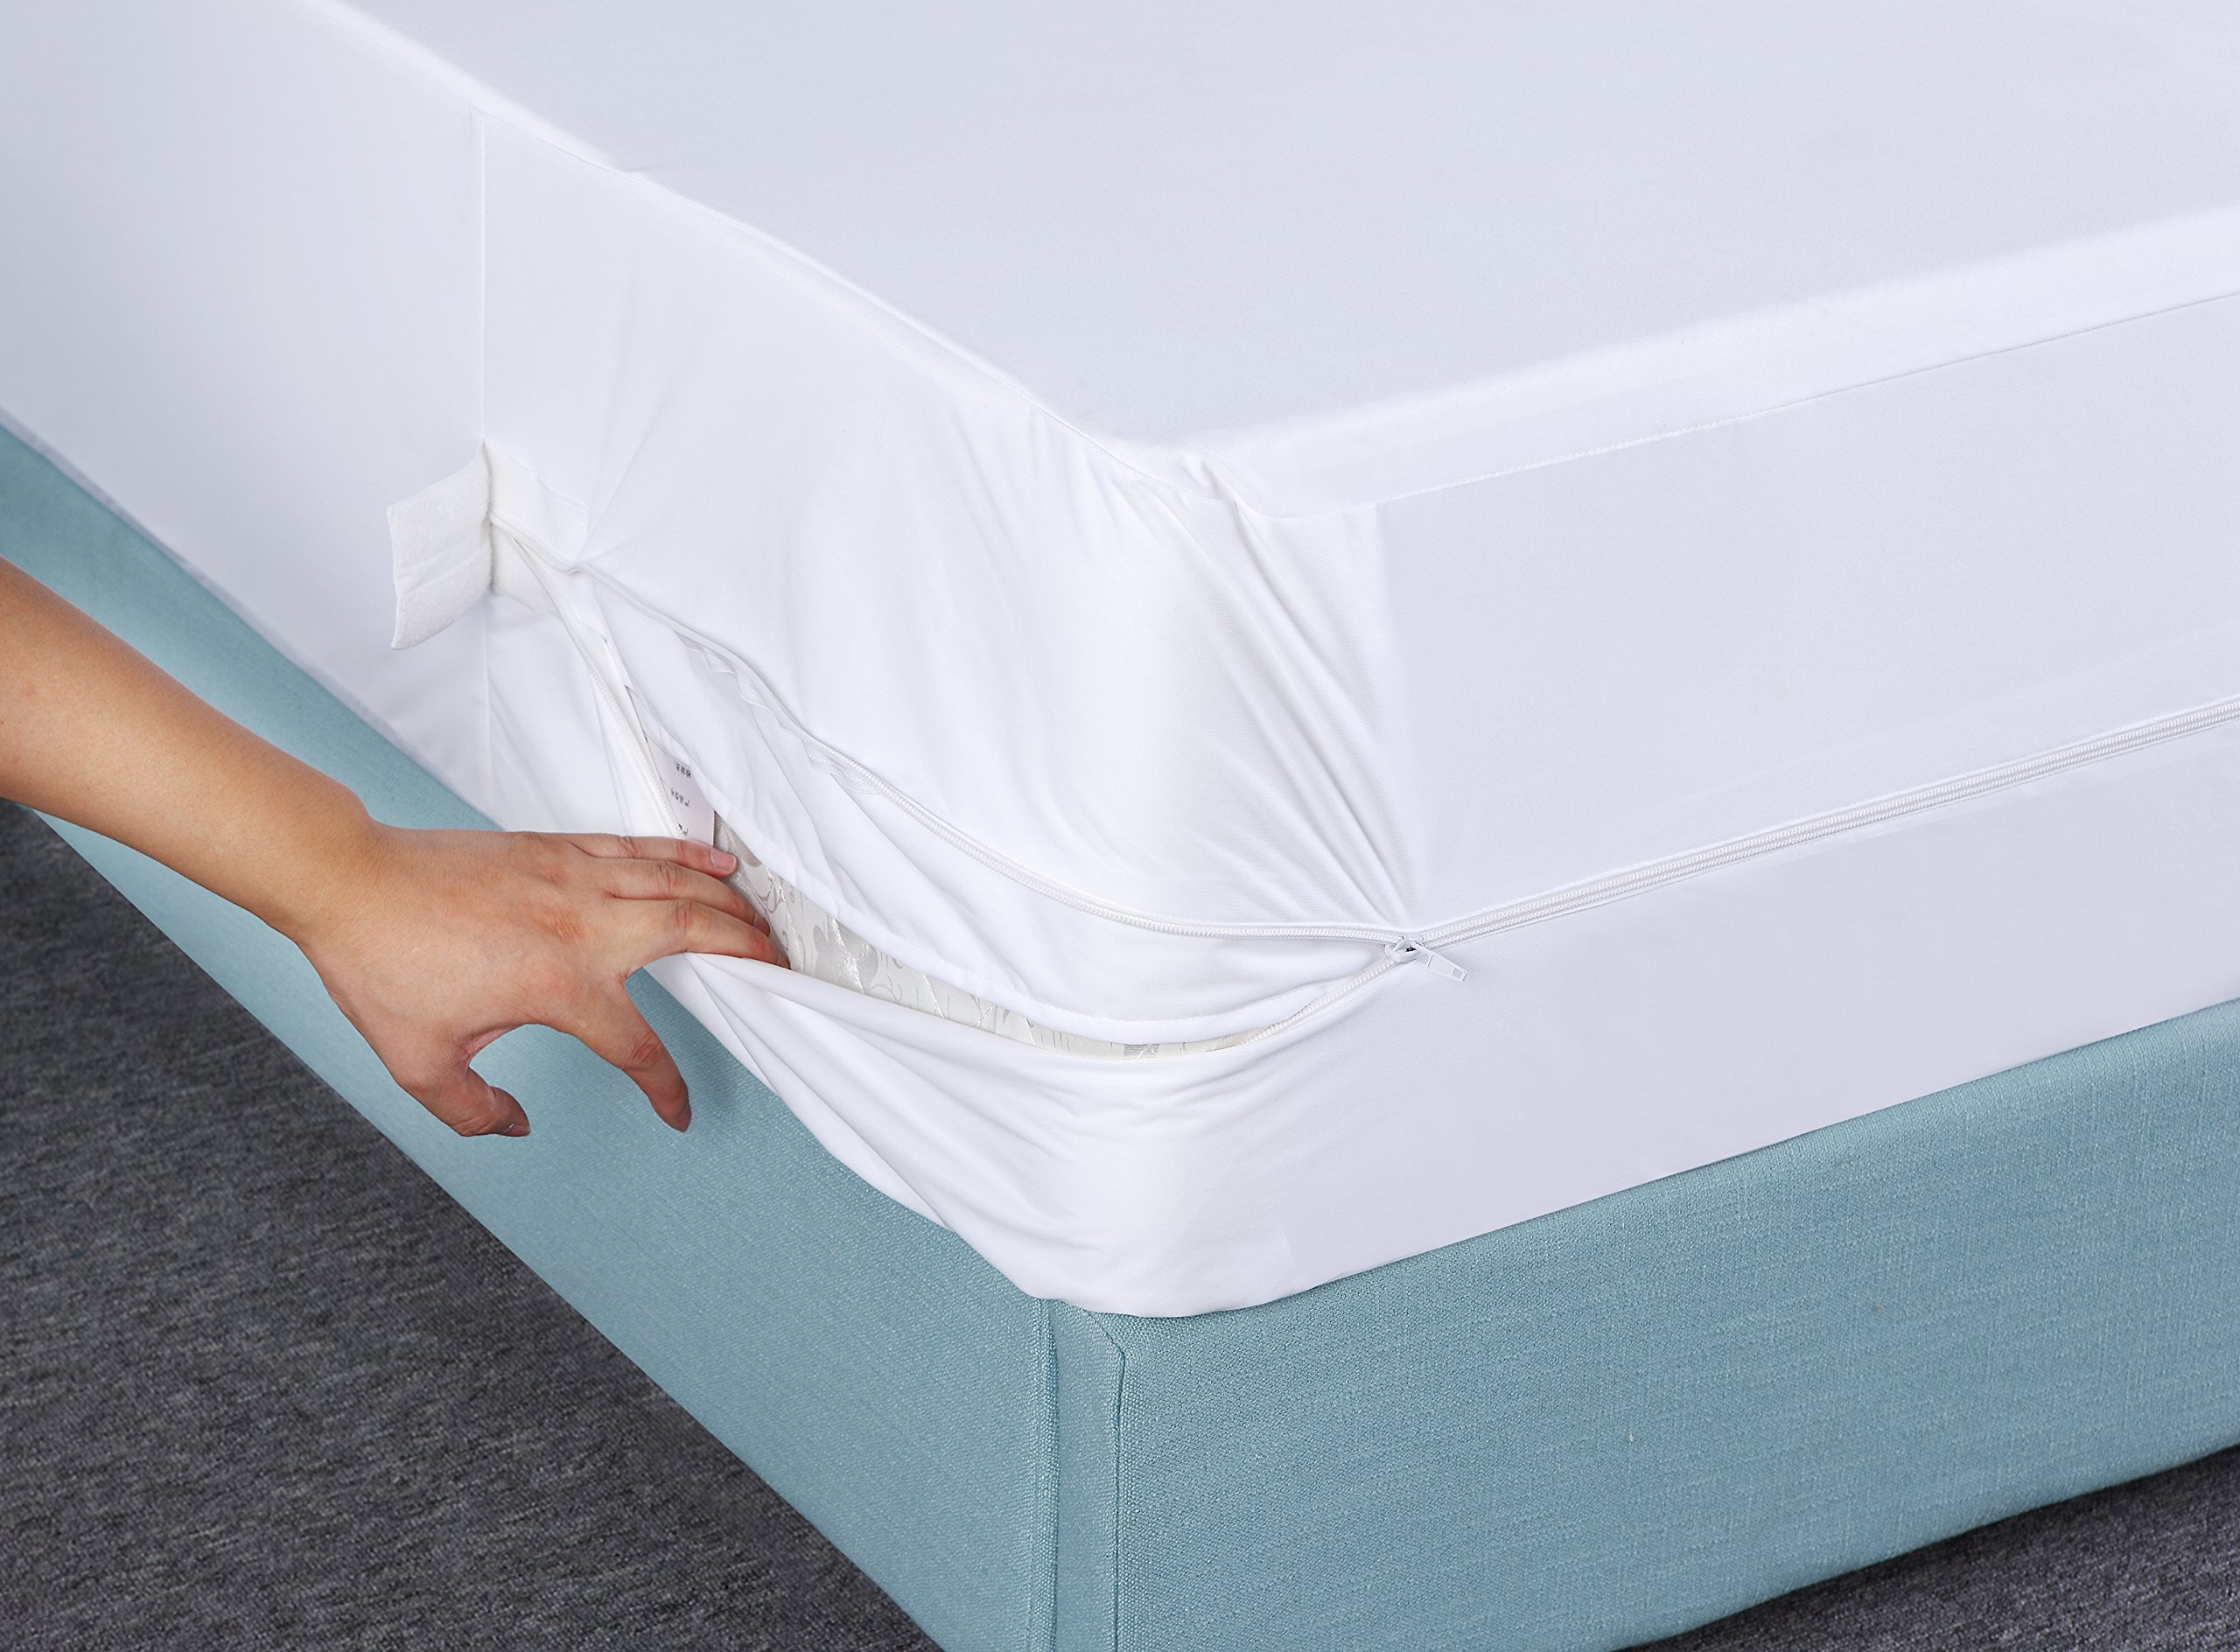 Utopia Bedding Zippered Bed Bug Proof Waterproof Mattress